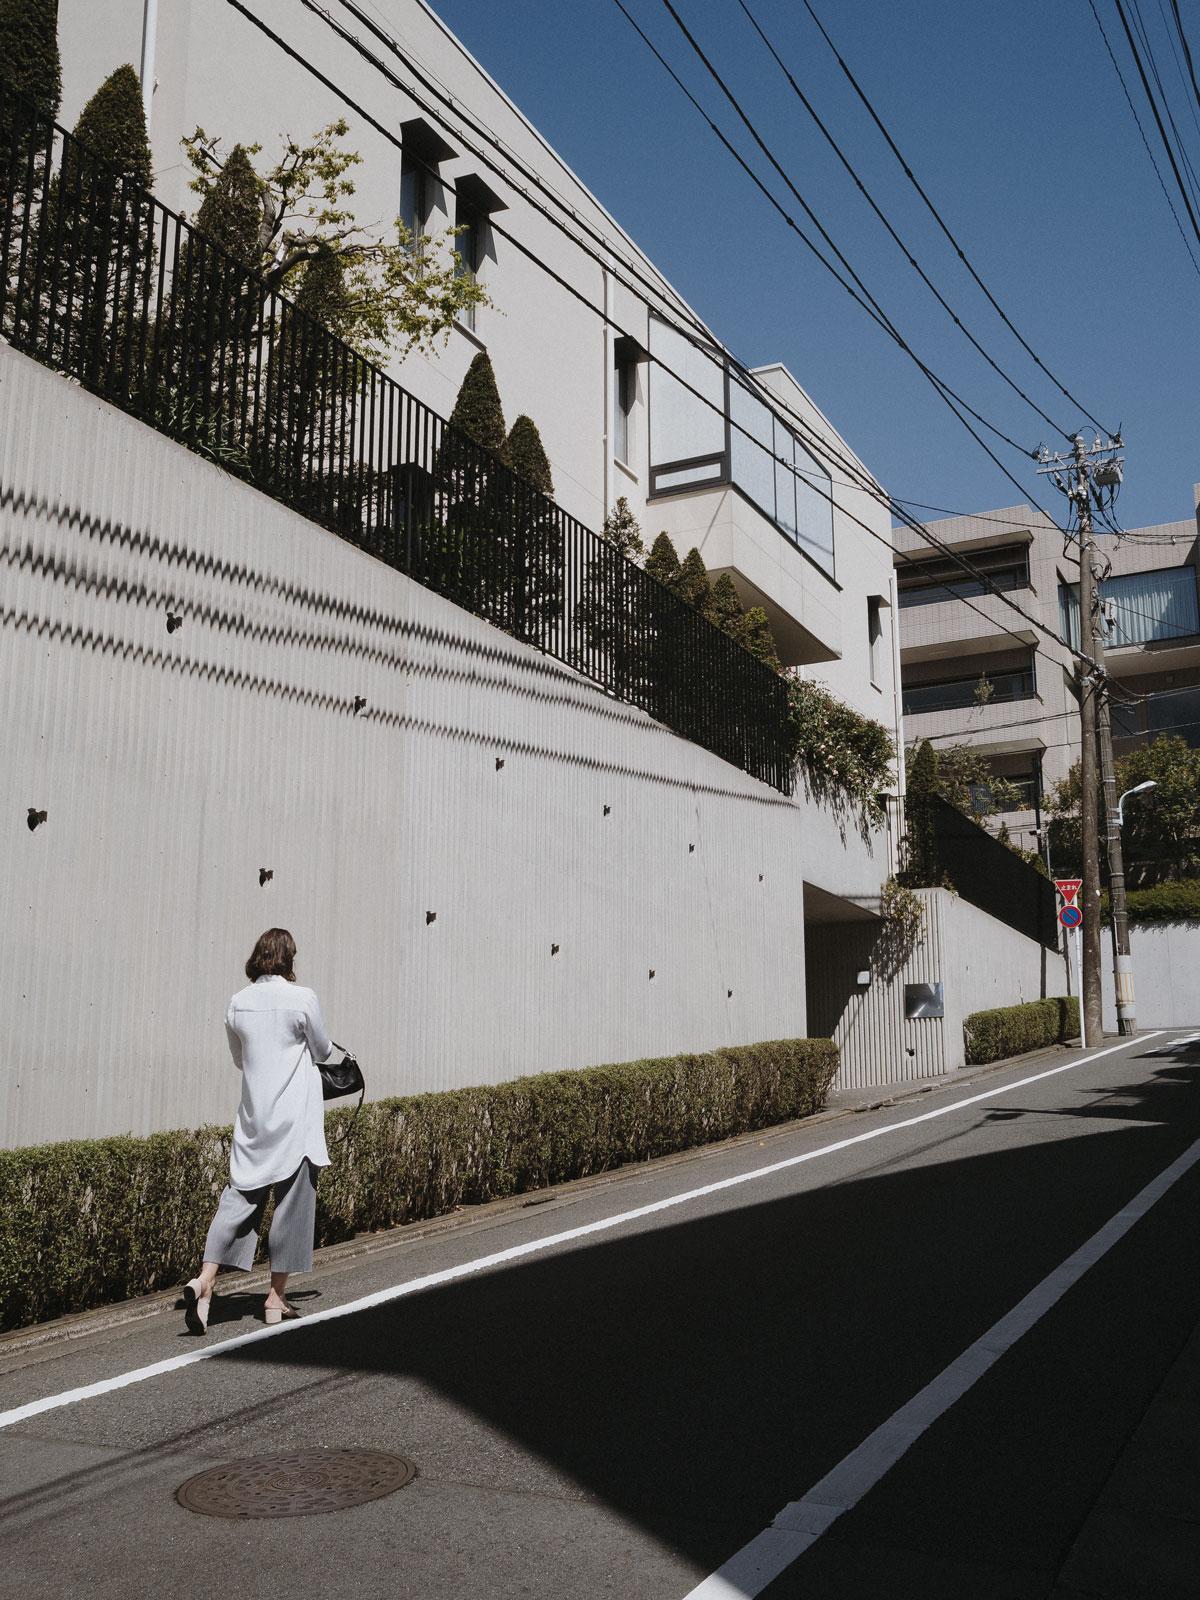 charlie-may-japan-tokyo-aoyama-20